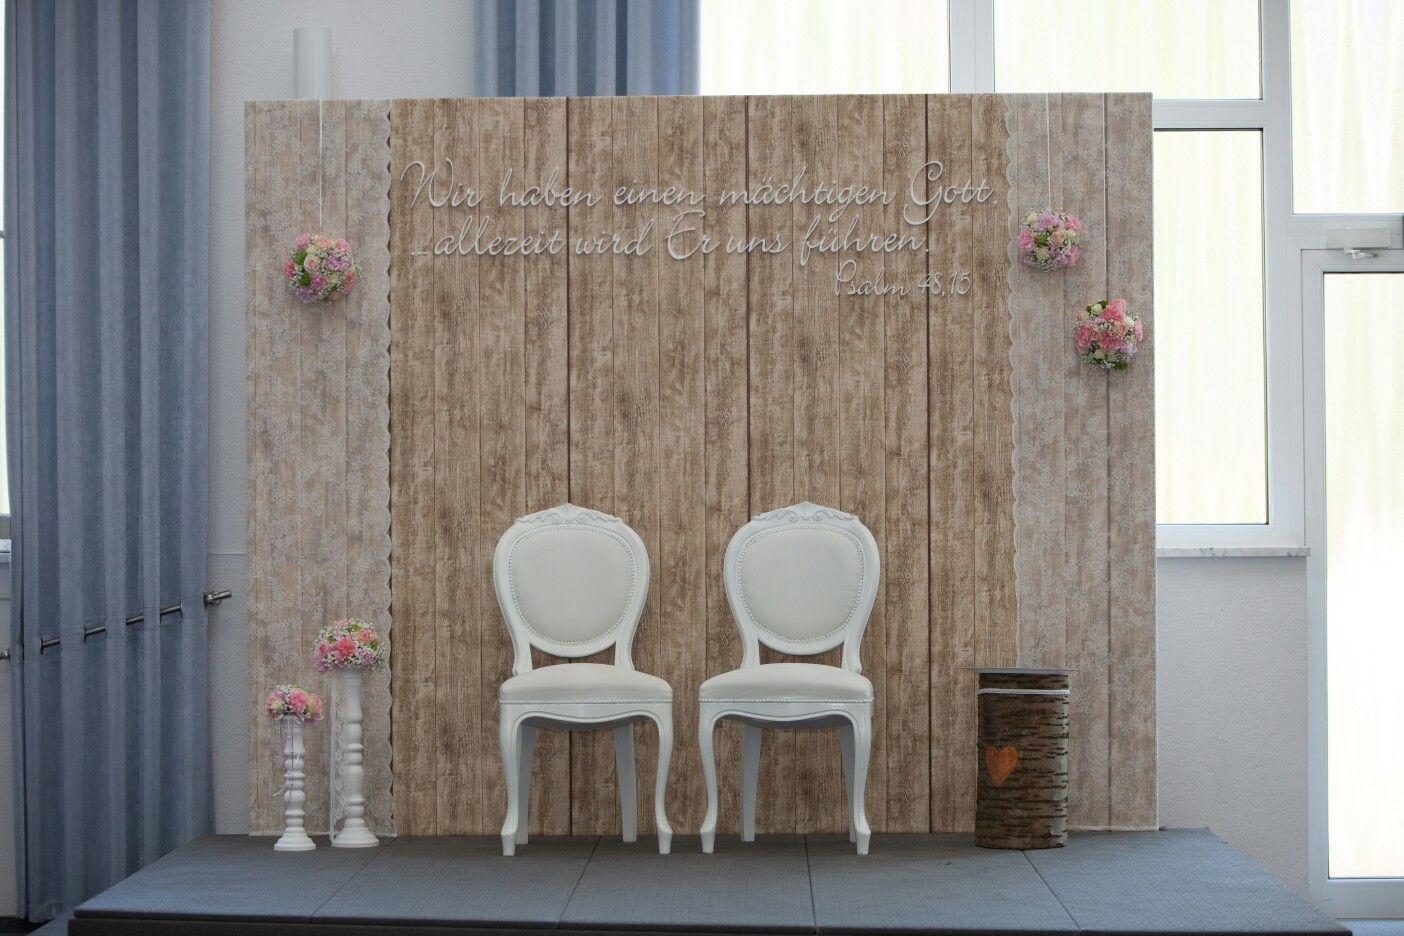 hochzeit thron schön Holz Hochzeitsideen Pinterest